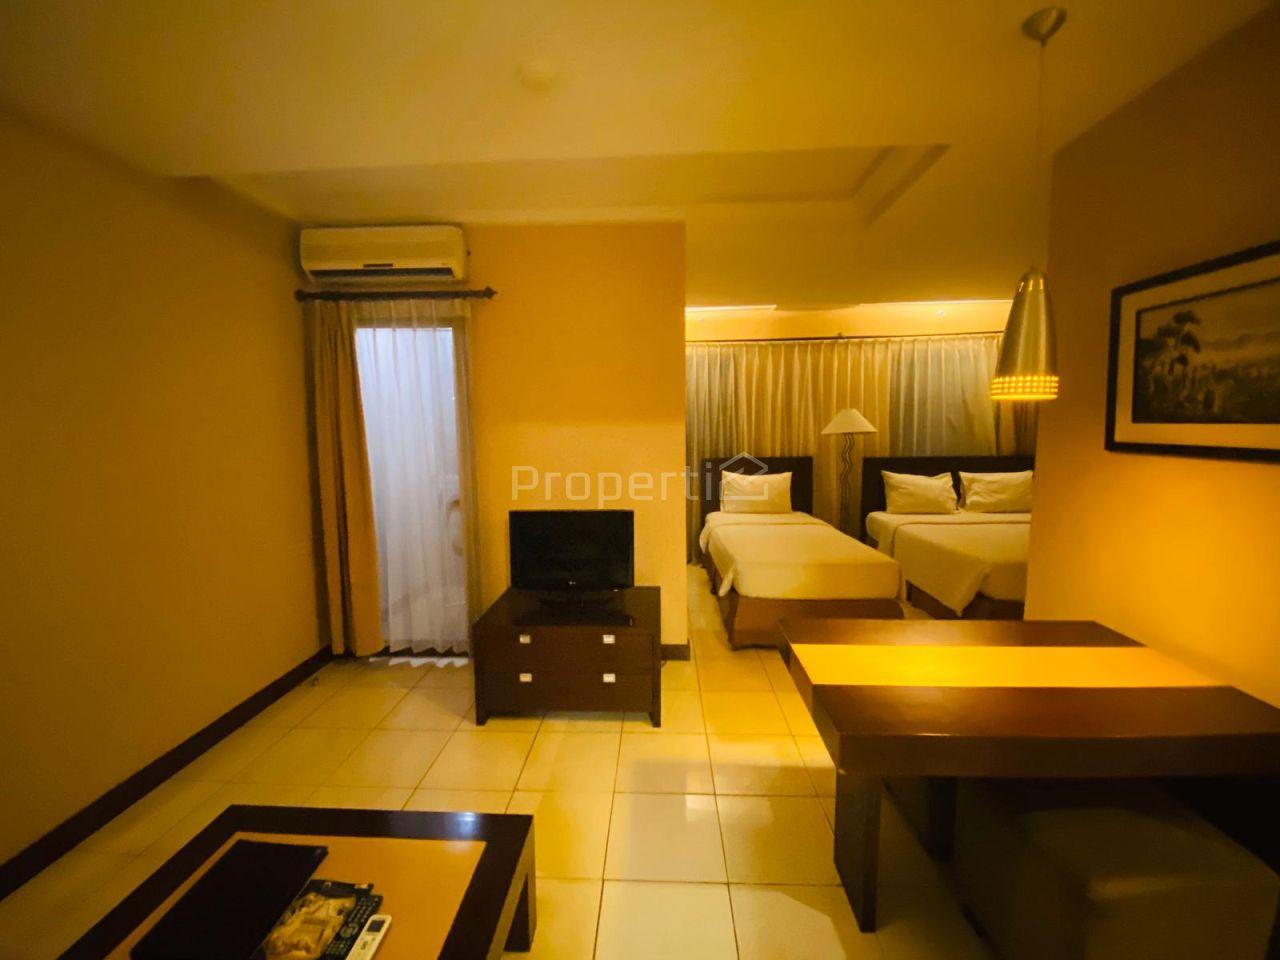 Queen Type 2 Bedroom Unit in Majesty Apartment, 1st Floor, Jawa Barat